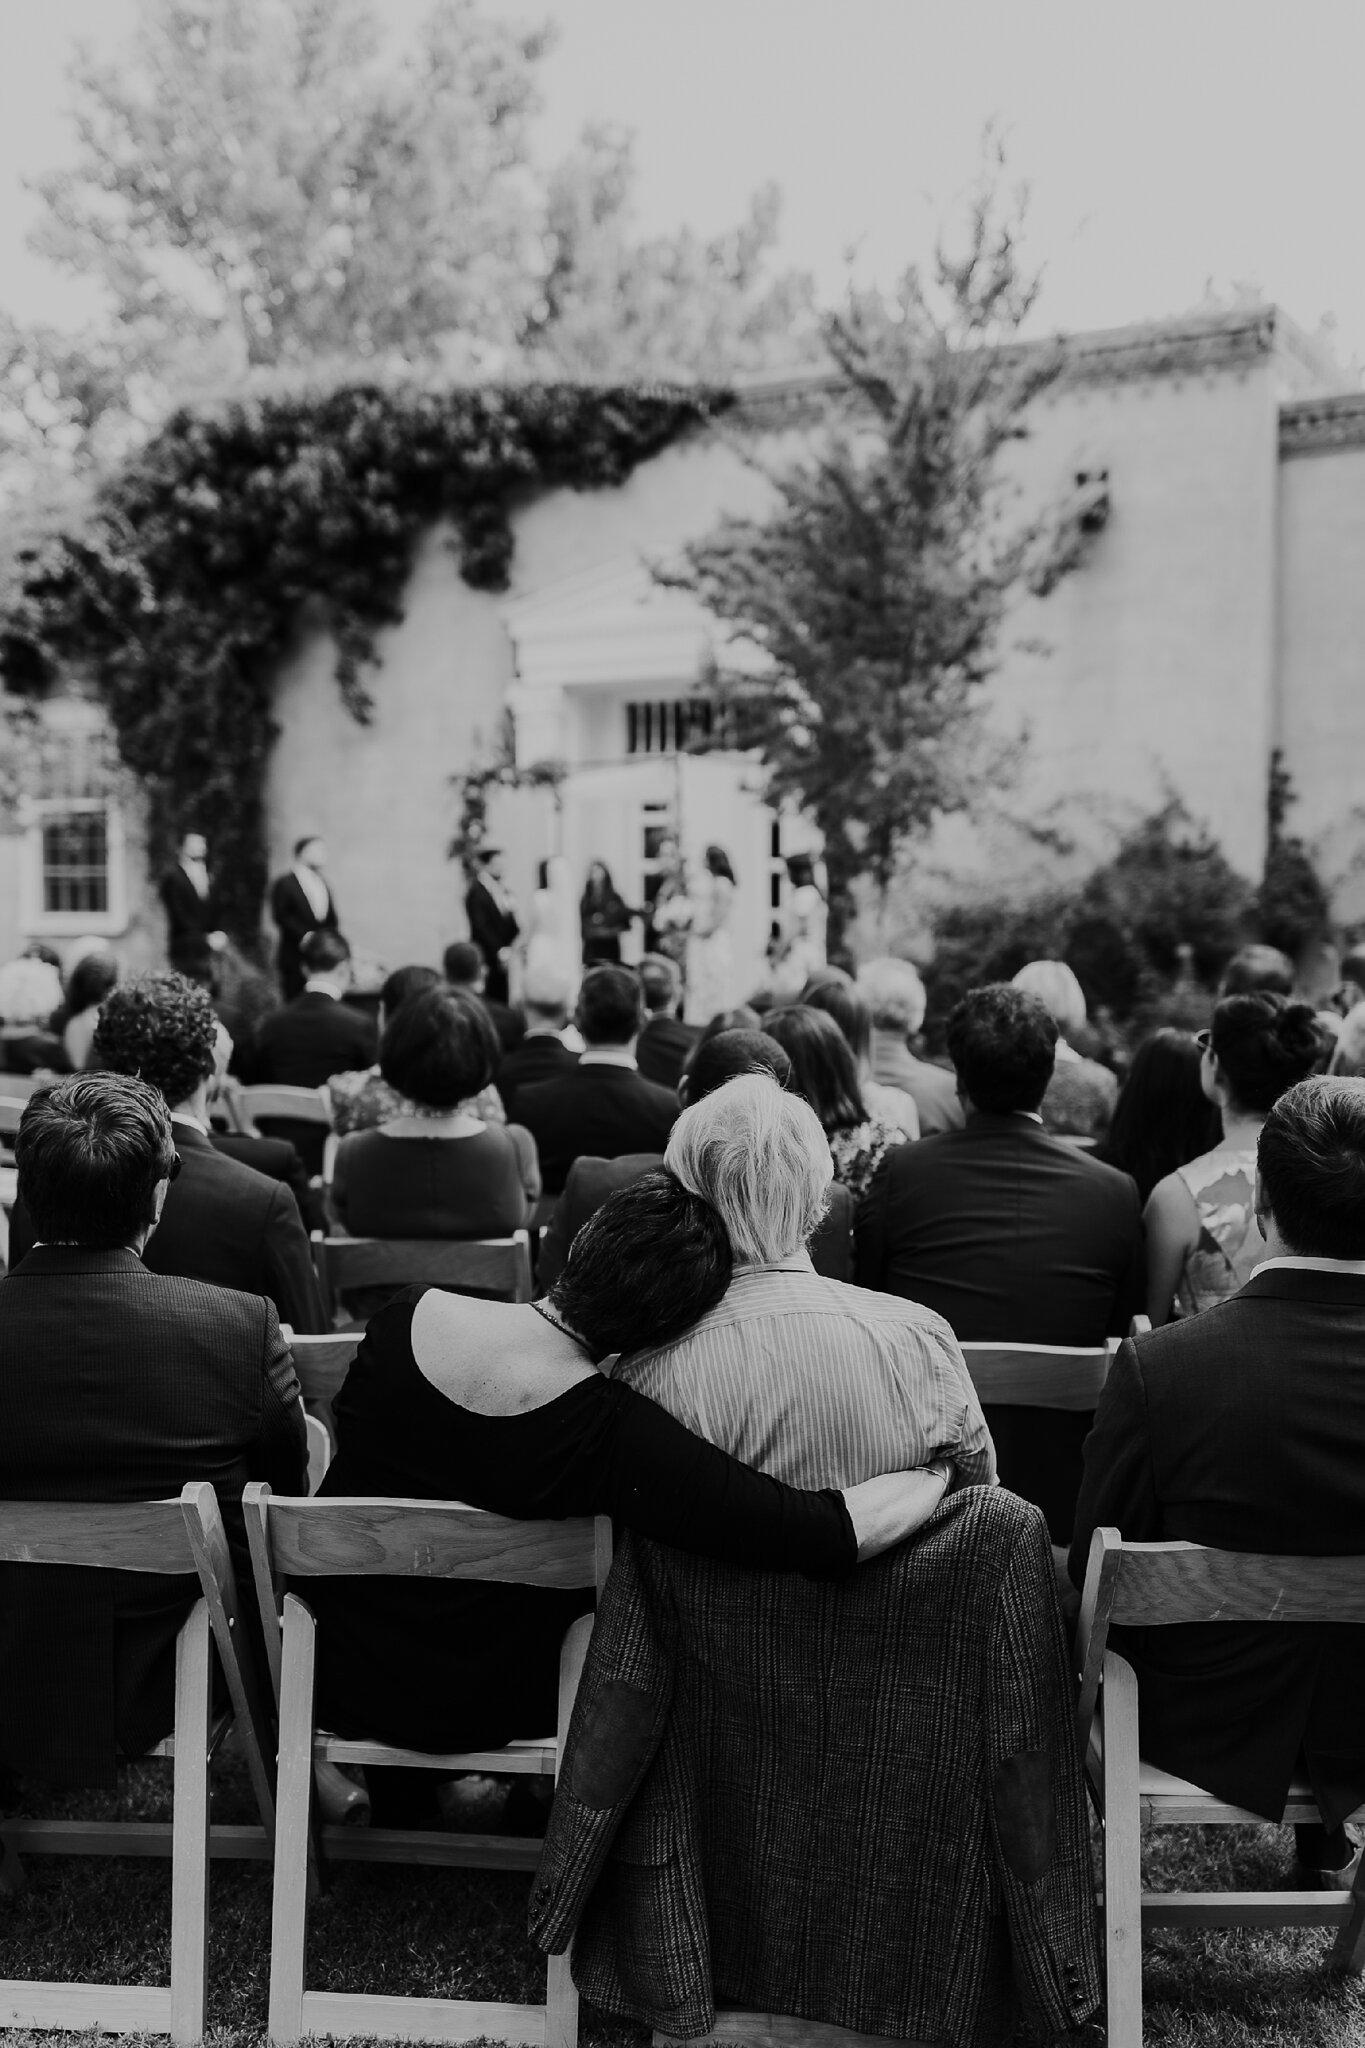 Alicia+lucia+photography+-+albuquerque+wedding+photographer+-+santa+fe+wedding+photography+-+new+mexico+wedding+photographer+-+new+mexico+wedding+-+wedding+-+albuquerque+wedding+-+los+poblanos+-+los+poblanos+wedding+-+fall+wedding_0059.jpg